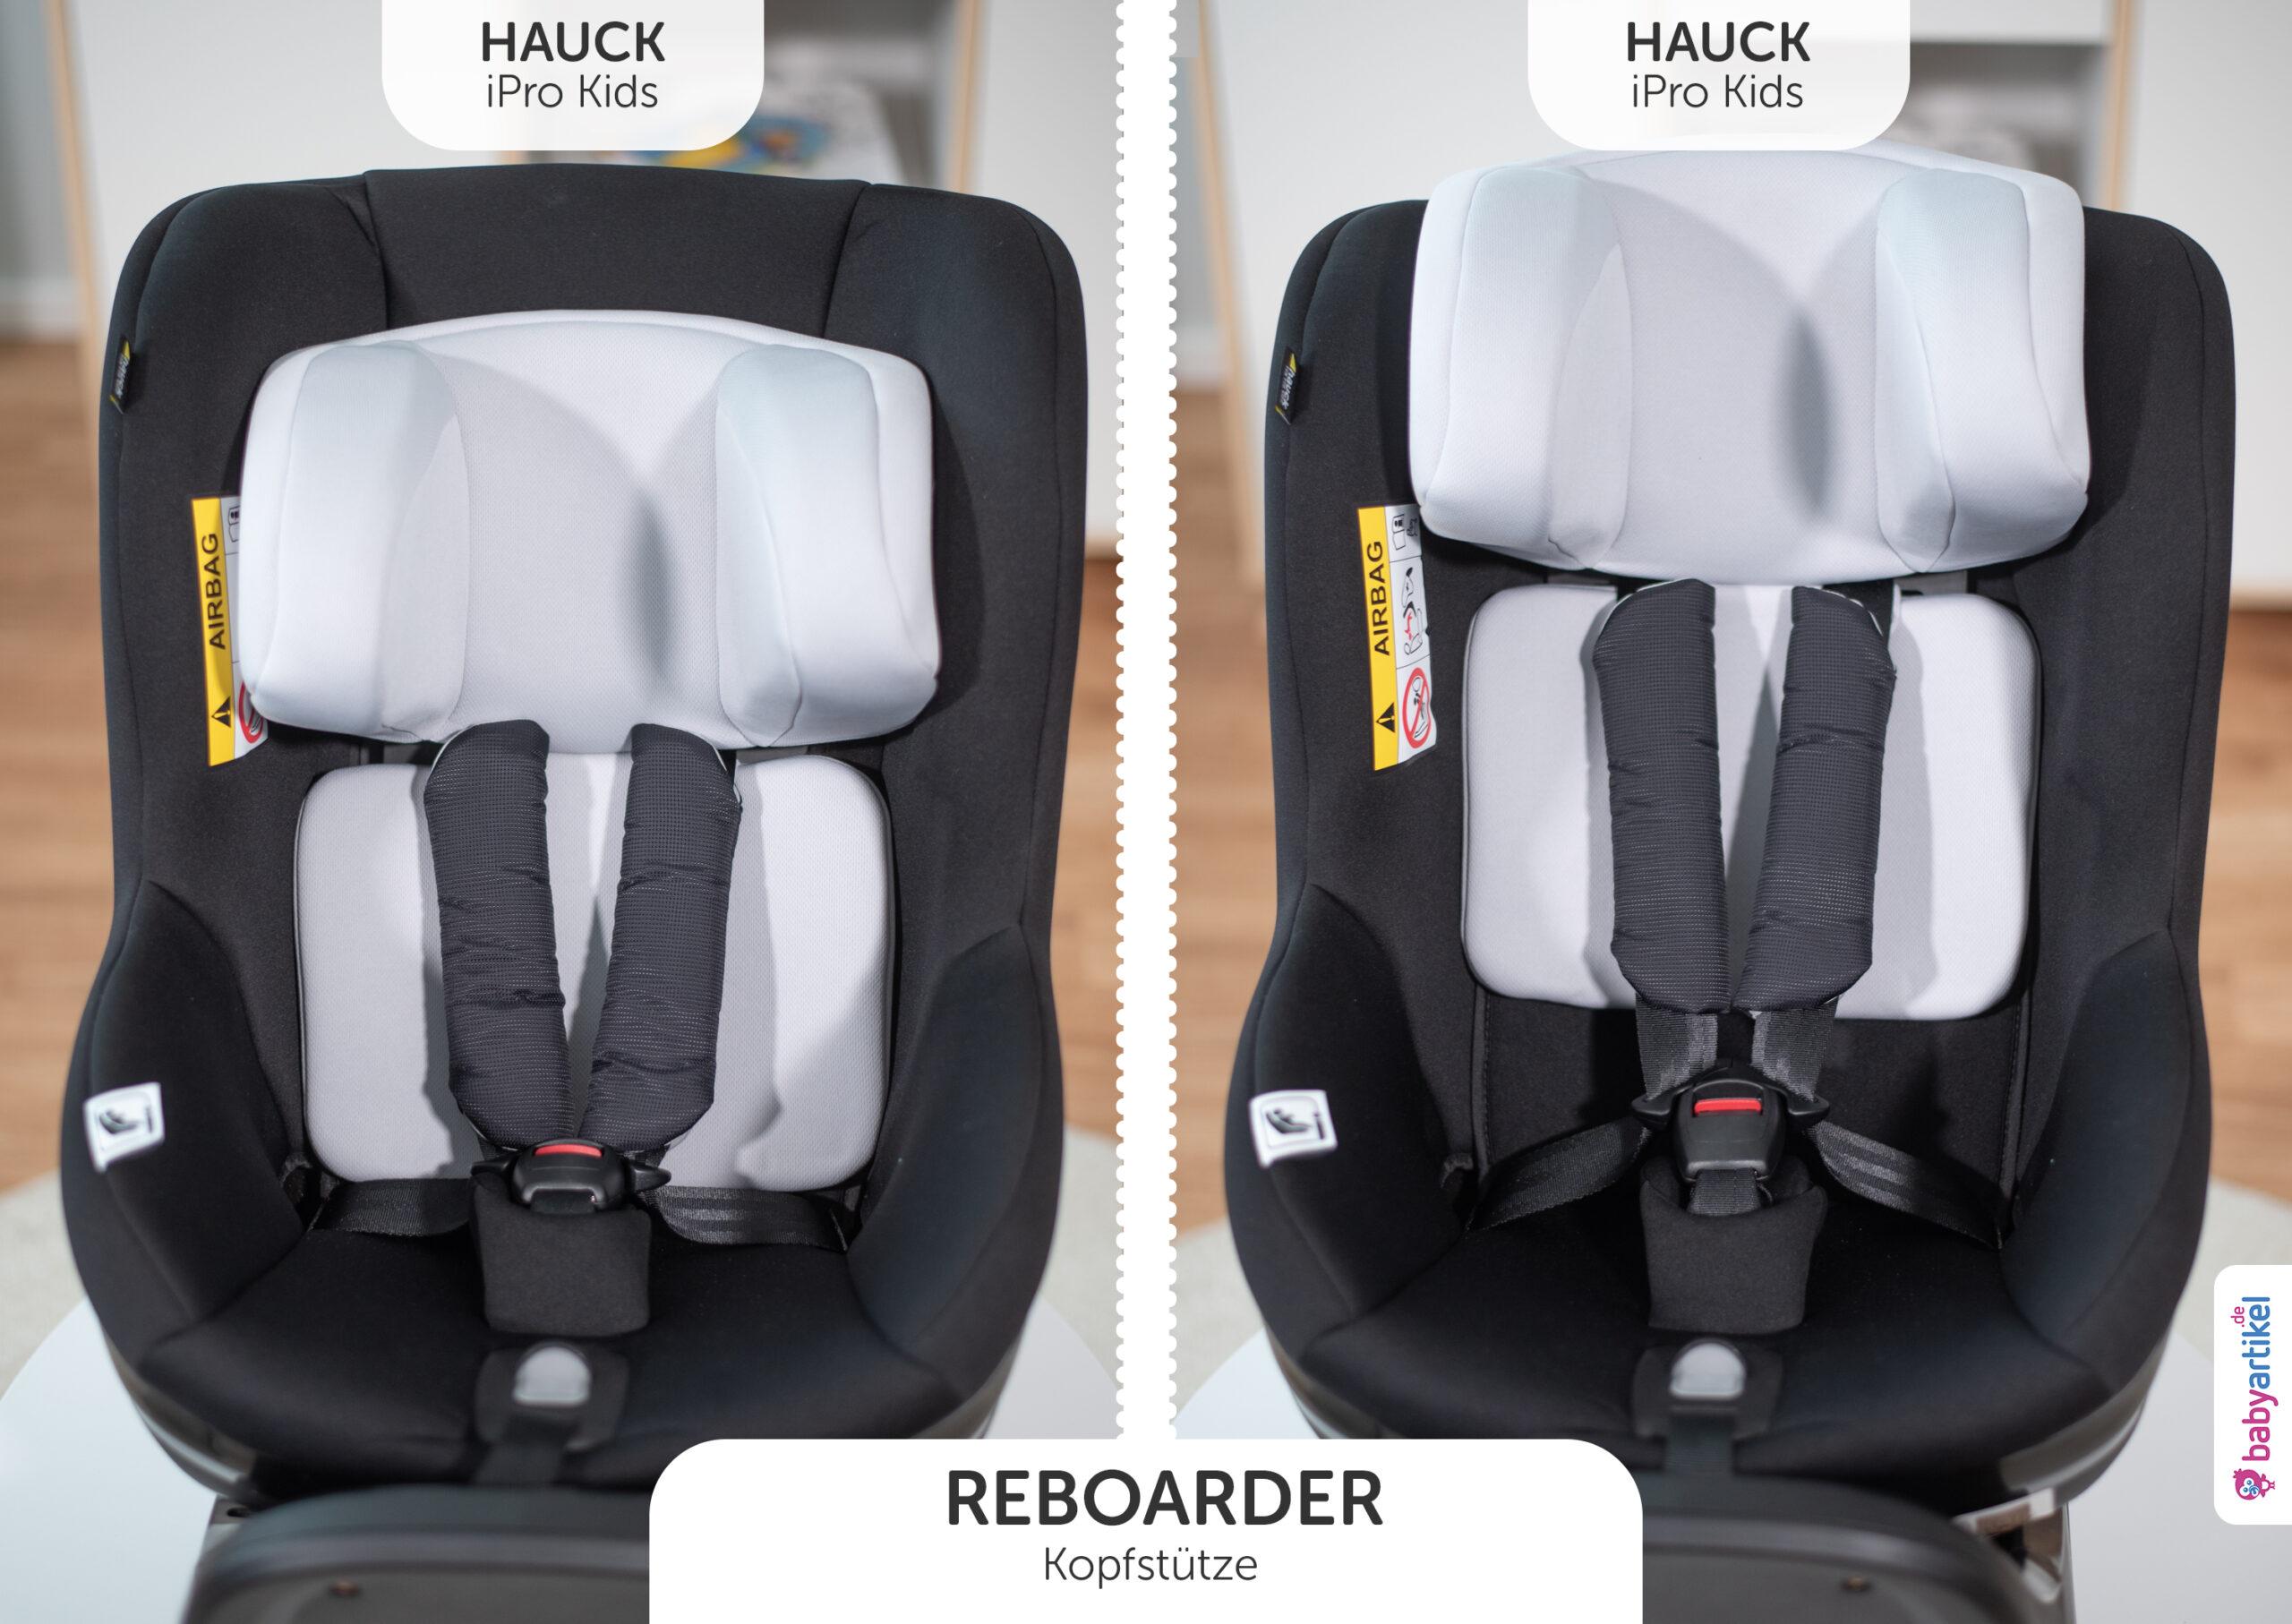 Hauck iPro Kids Kopfstütze